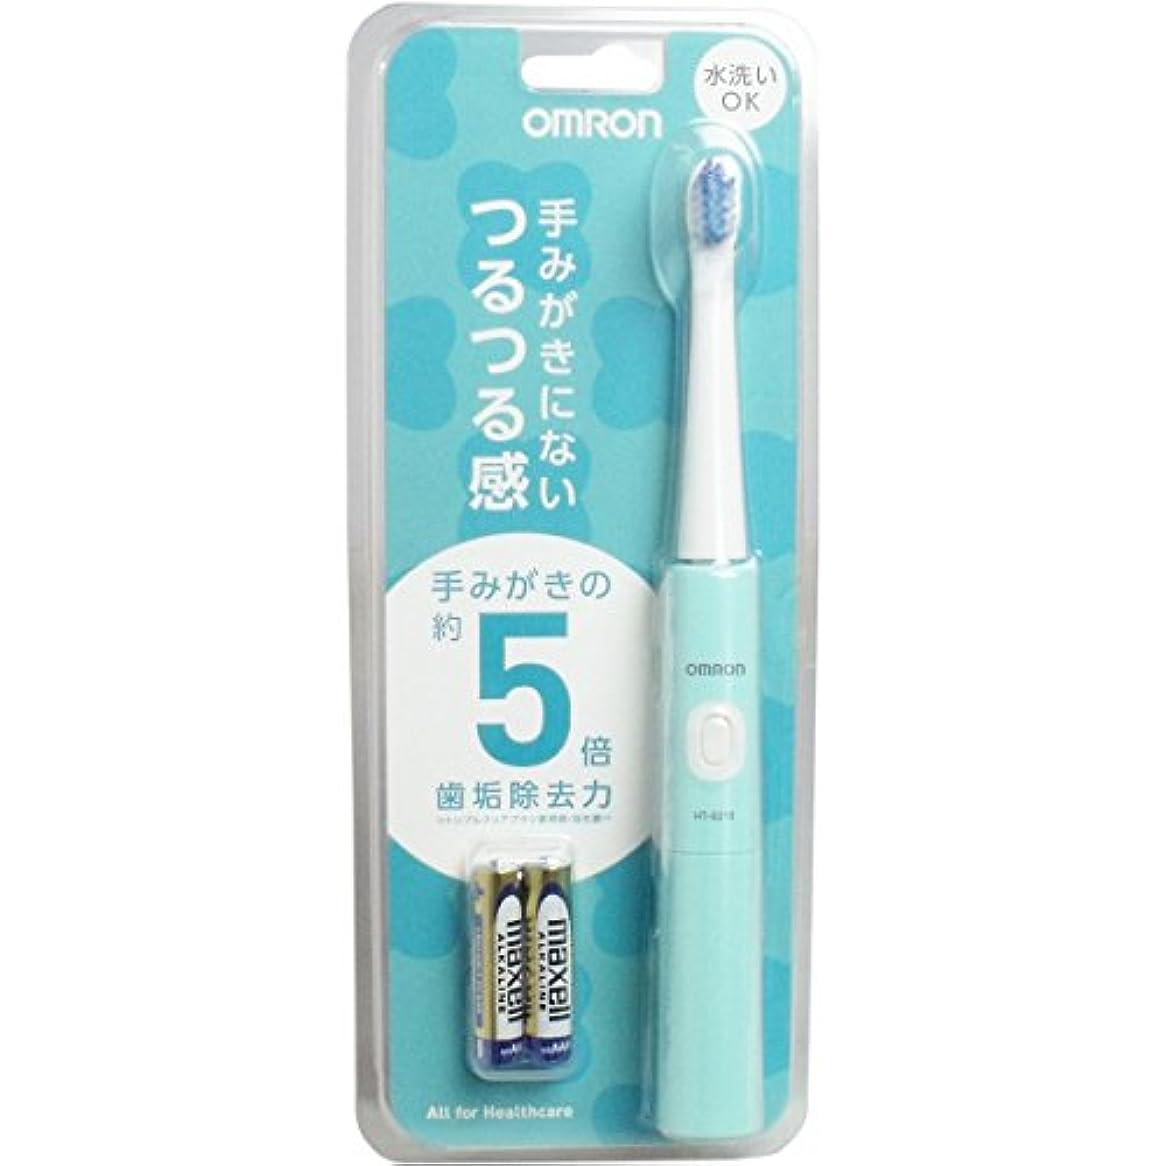 開梱小学生ハンサムオムロンヘルスケア 音波式電動歯ブラシ ミントグリーン HT-B210-G